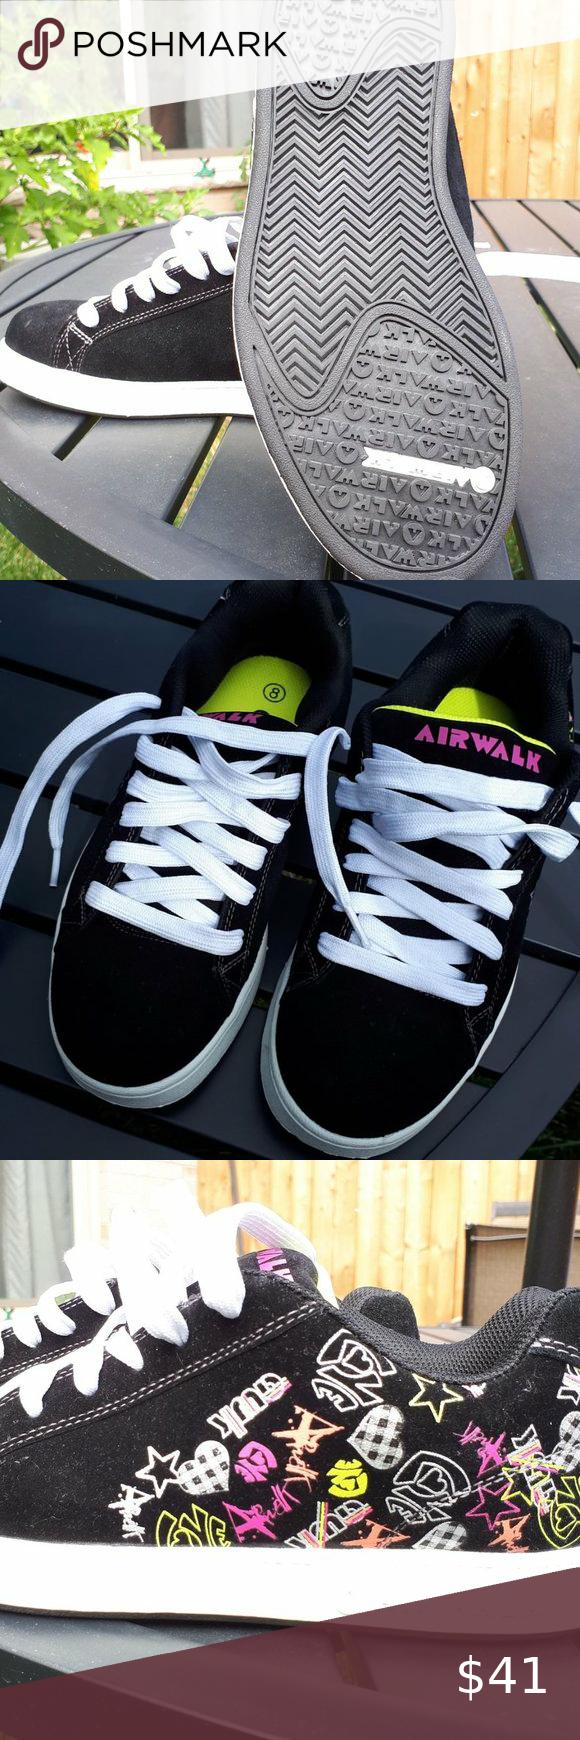 Airwalk Black Velvet Sneakers - Size 8